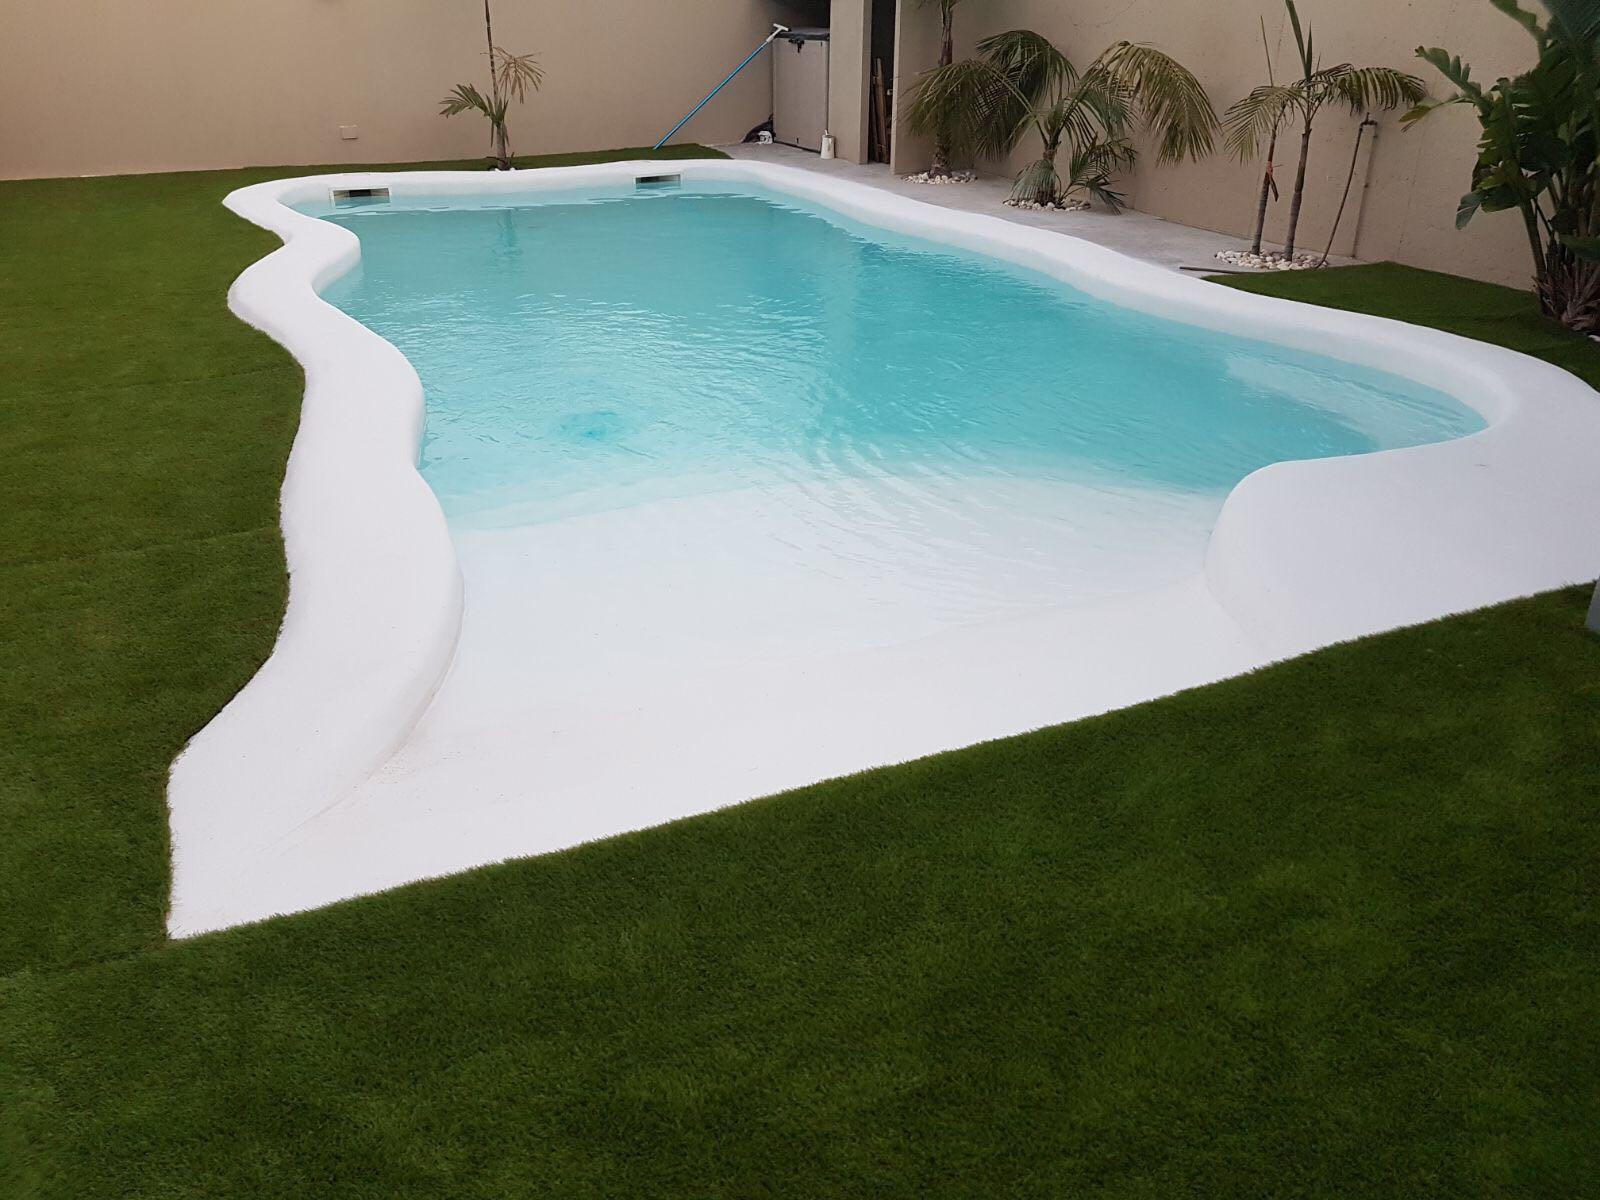 Como se construye una piscina de arena stunning permetro for Como se construye una piscina